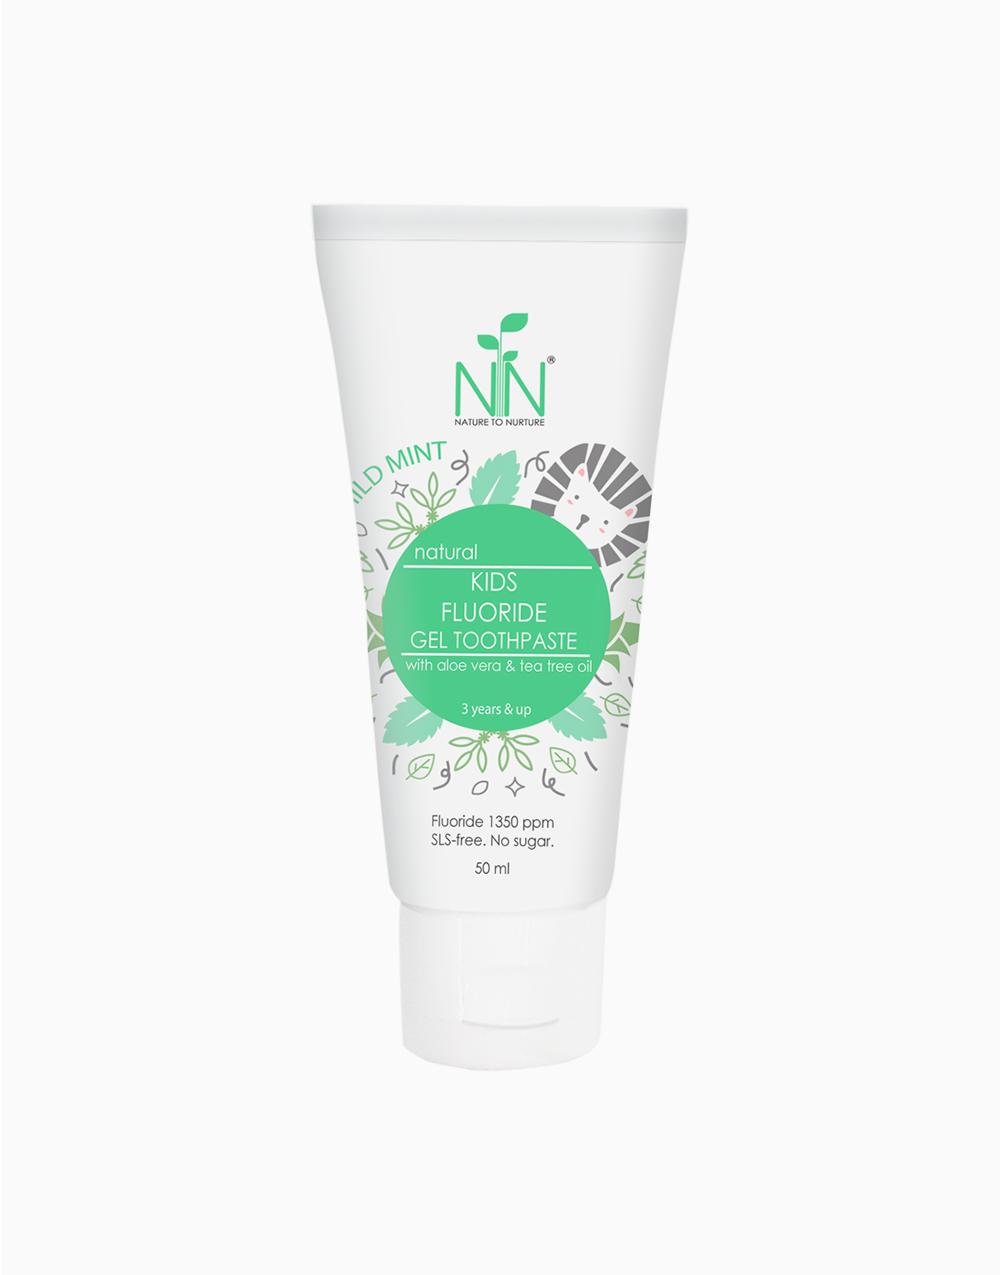 Kids Fluoride Toothpaste 50ml (Mild Mint) by Nature to Nurture